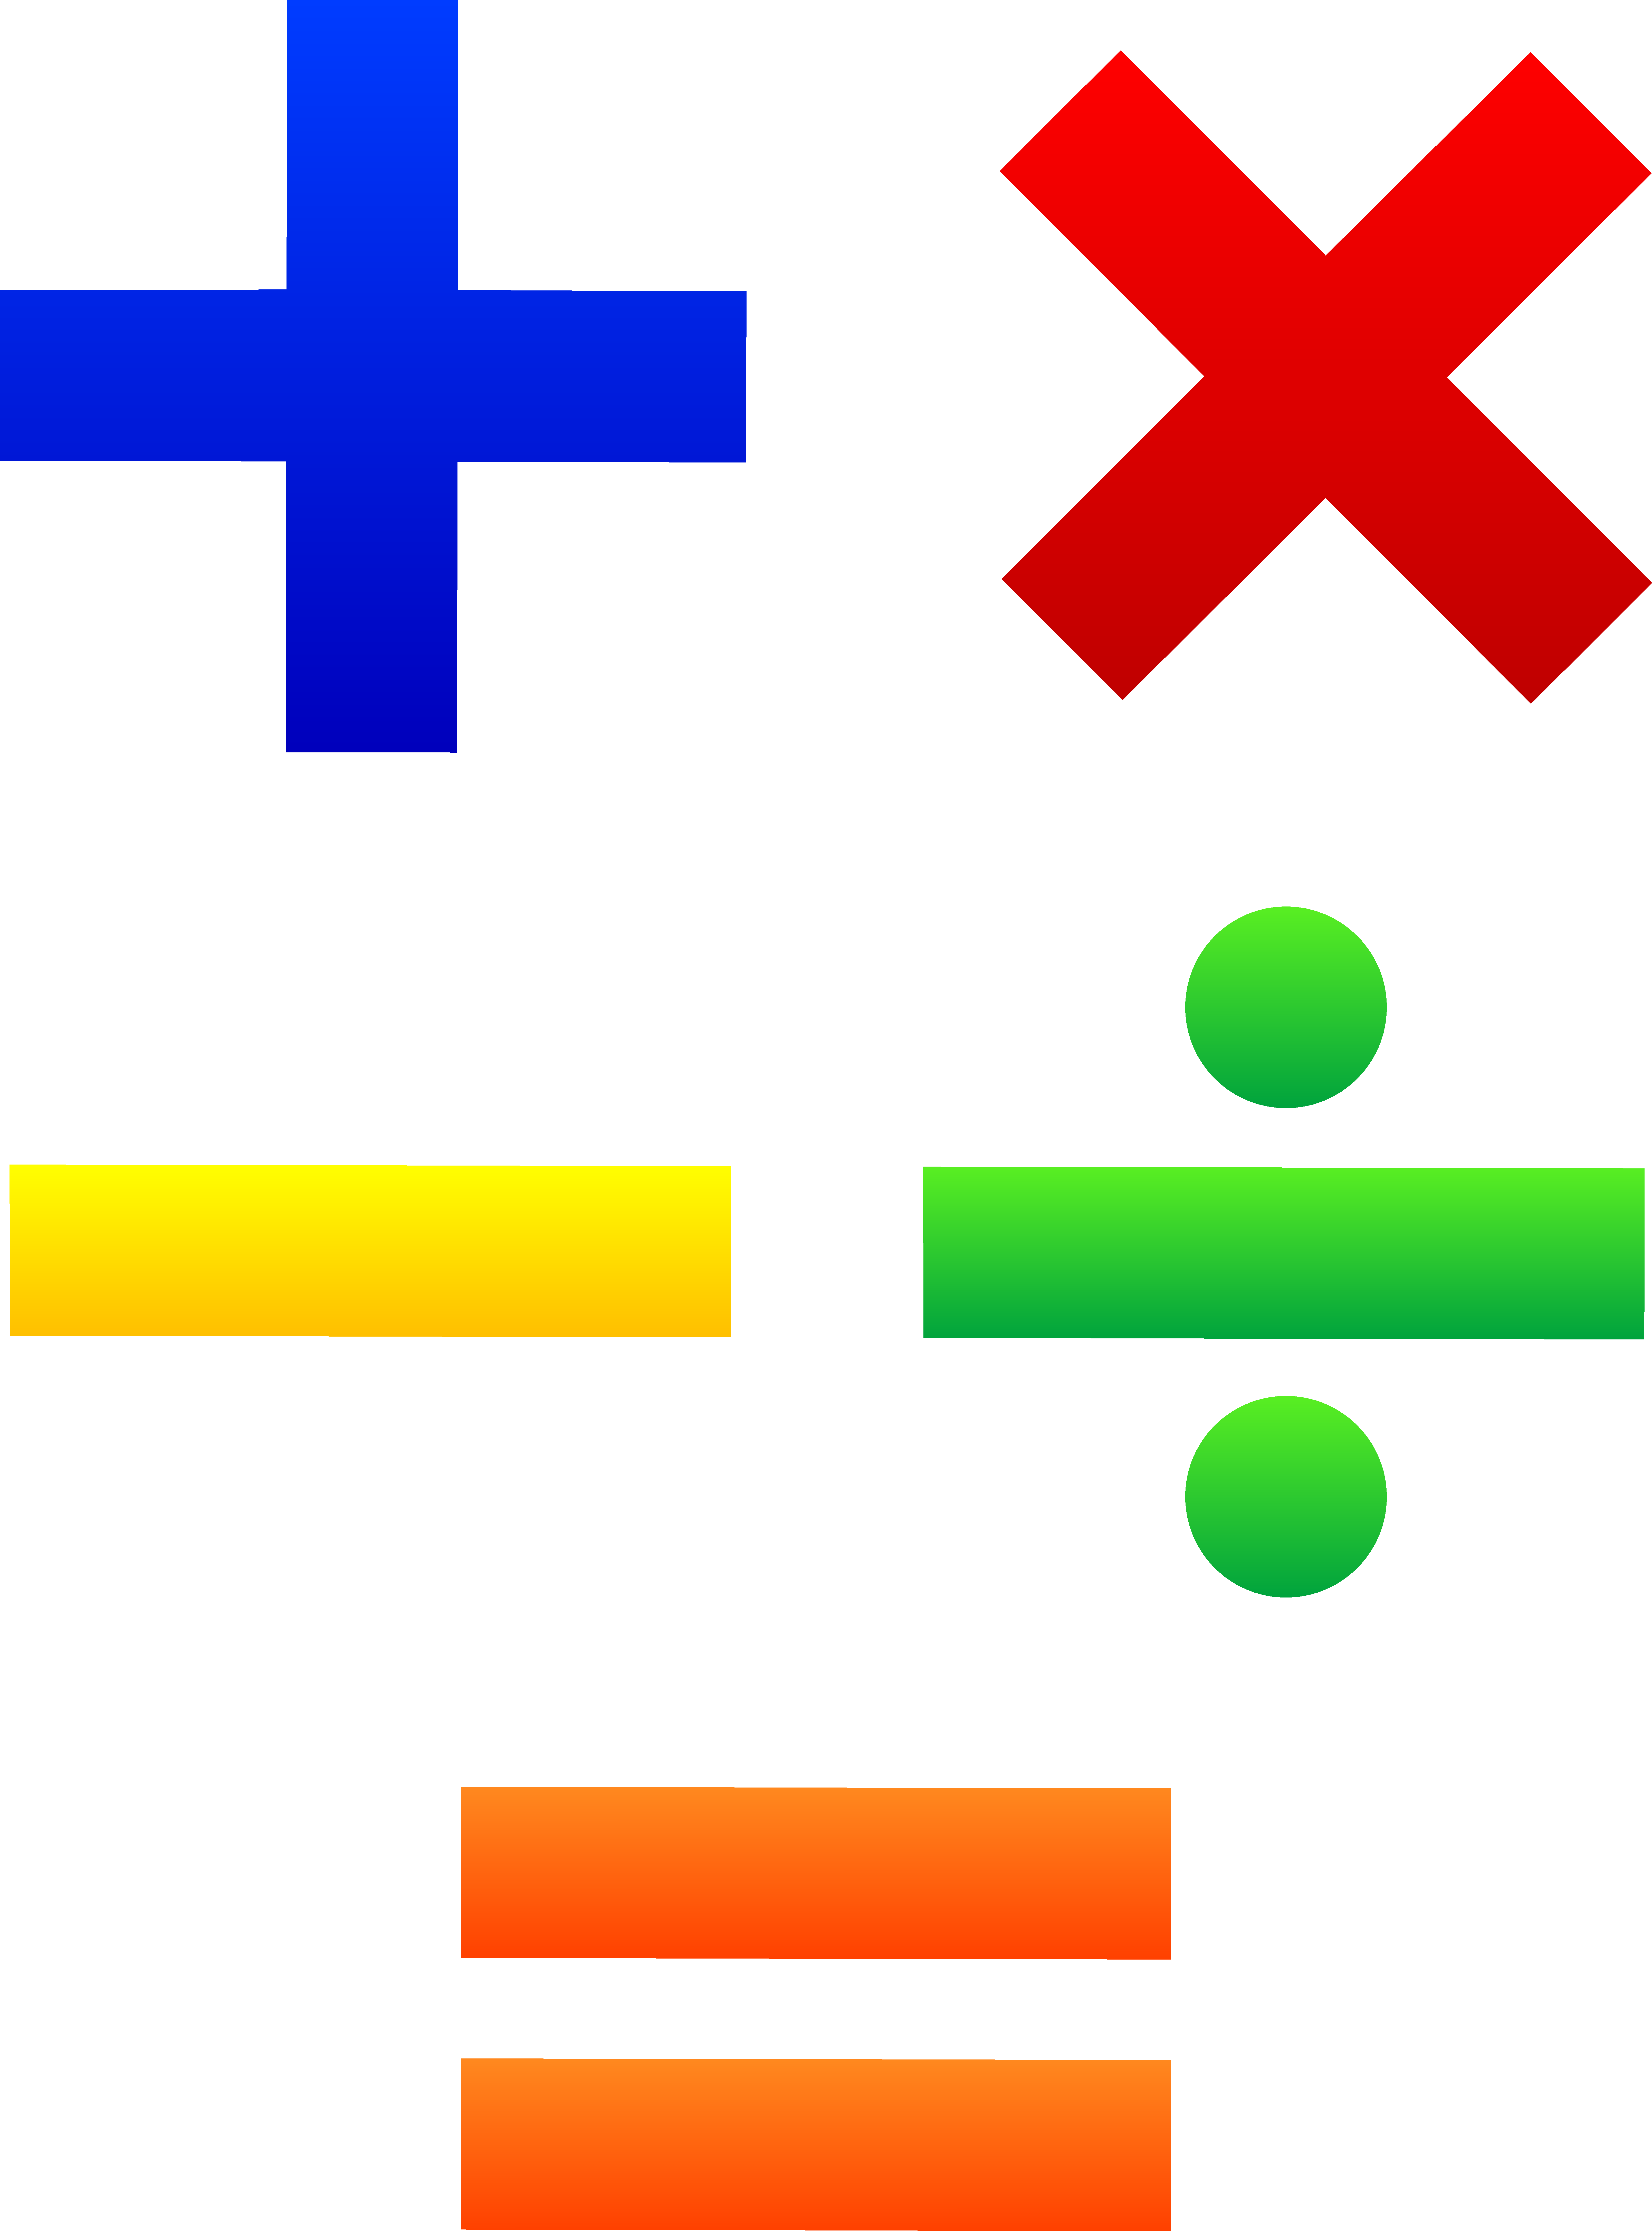 Clipart of math symbols.